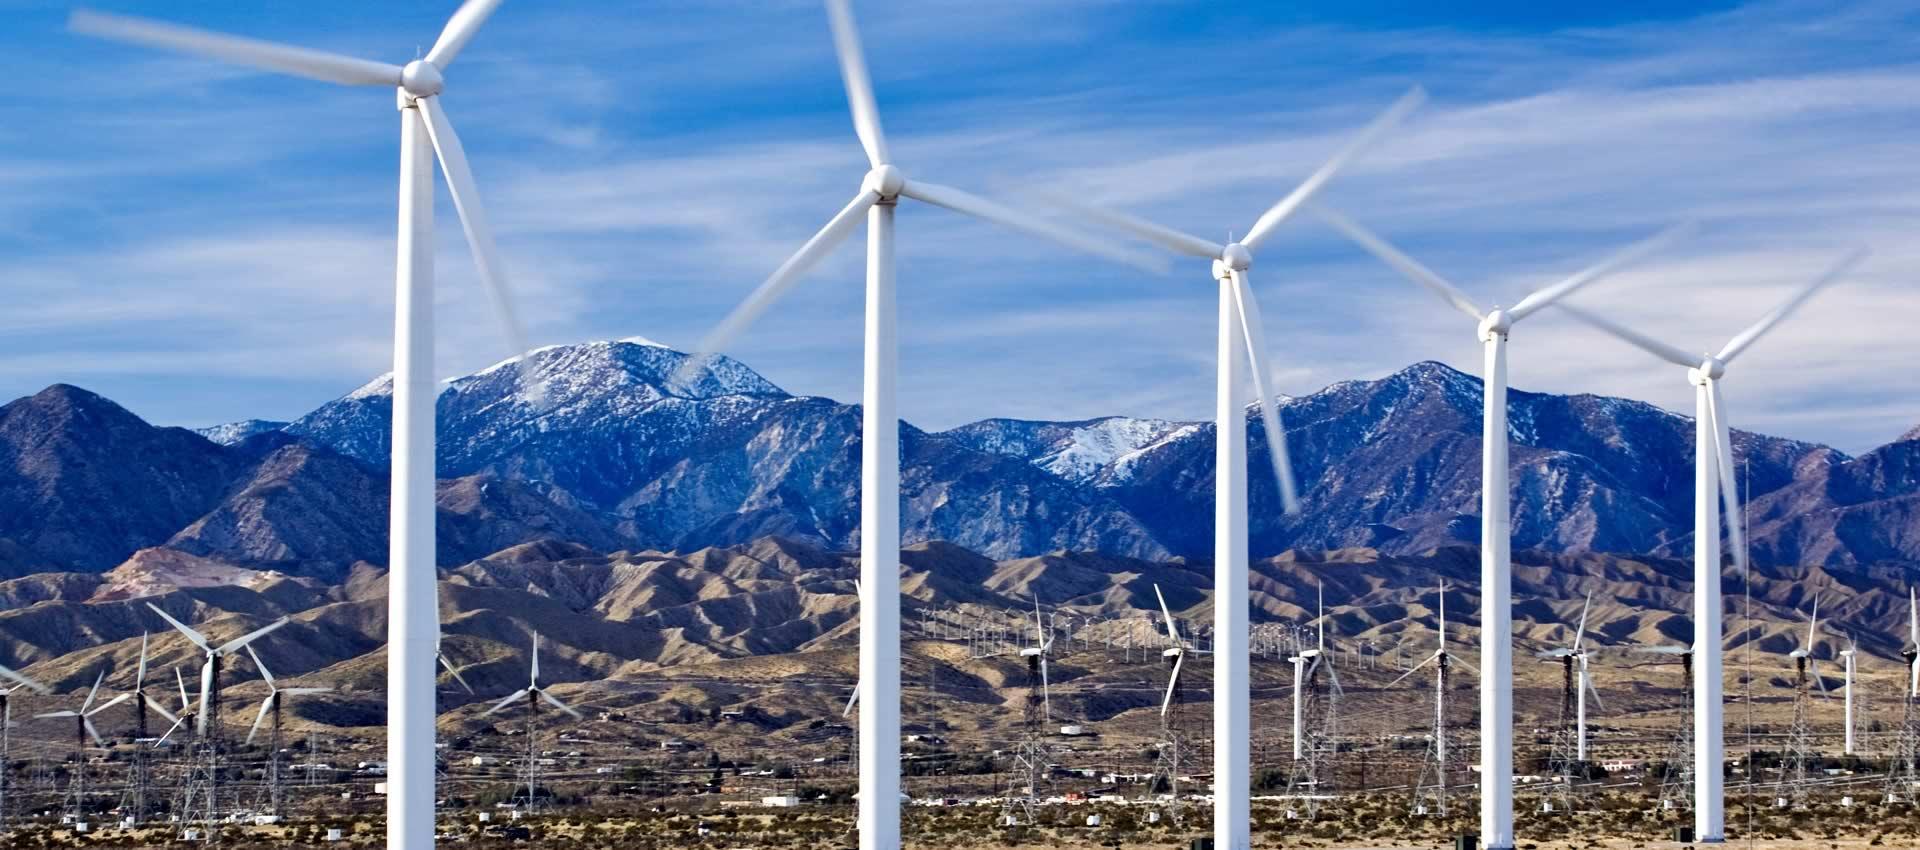 palm-springs-wind-generators